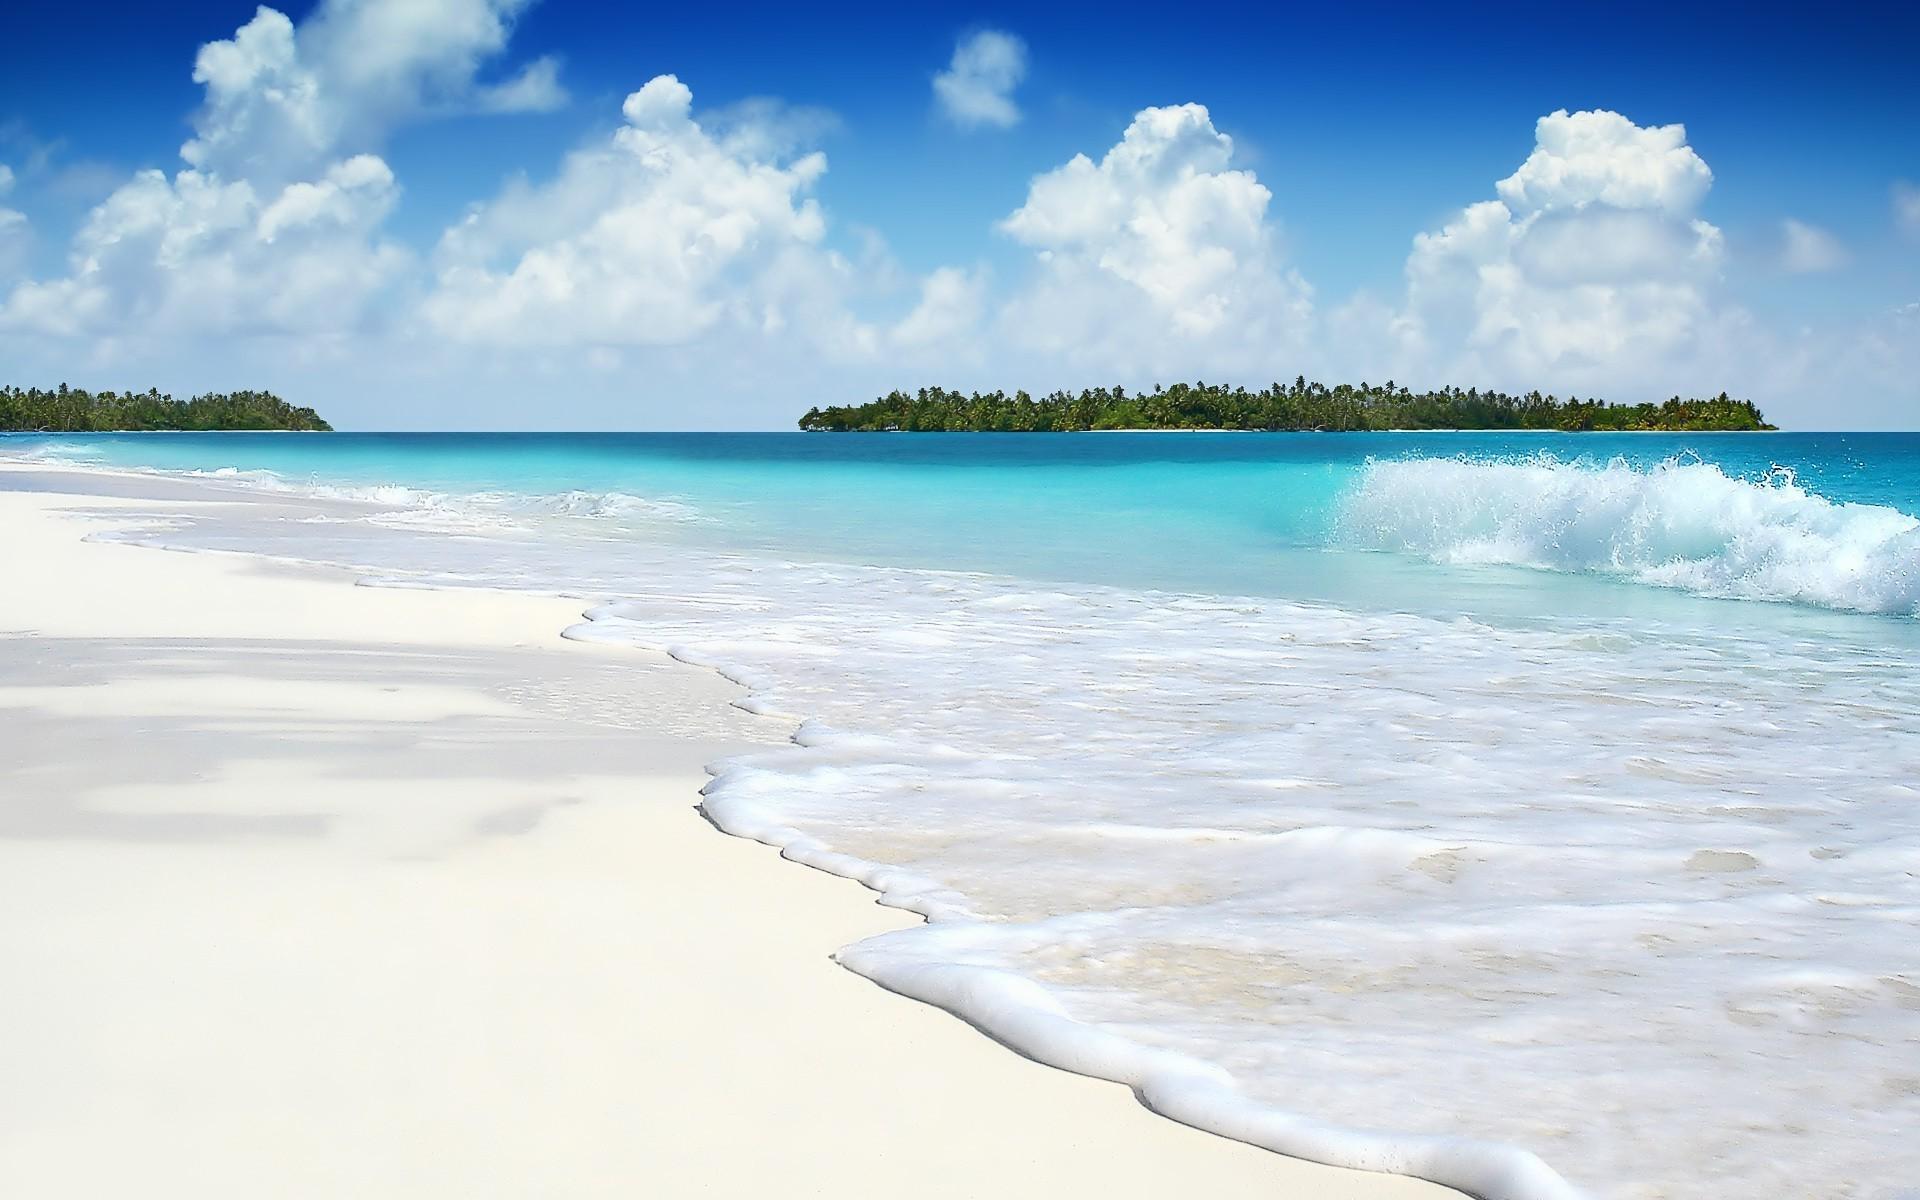 море берег sea shore бесплатно